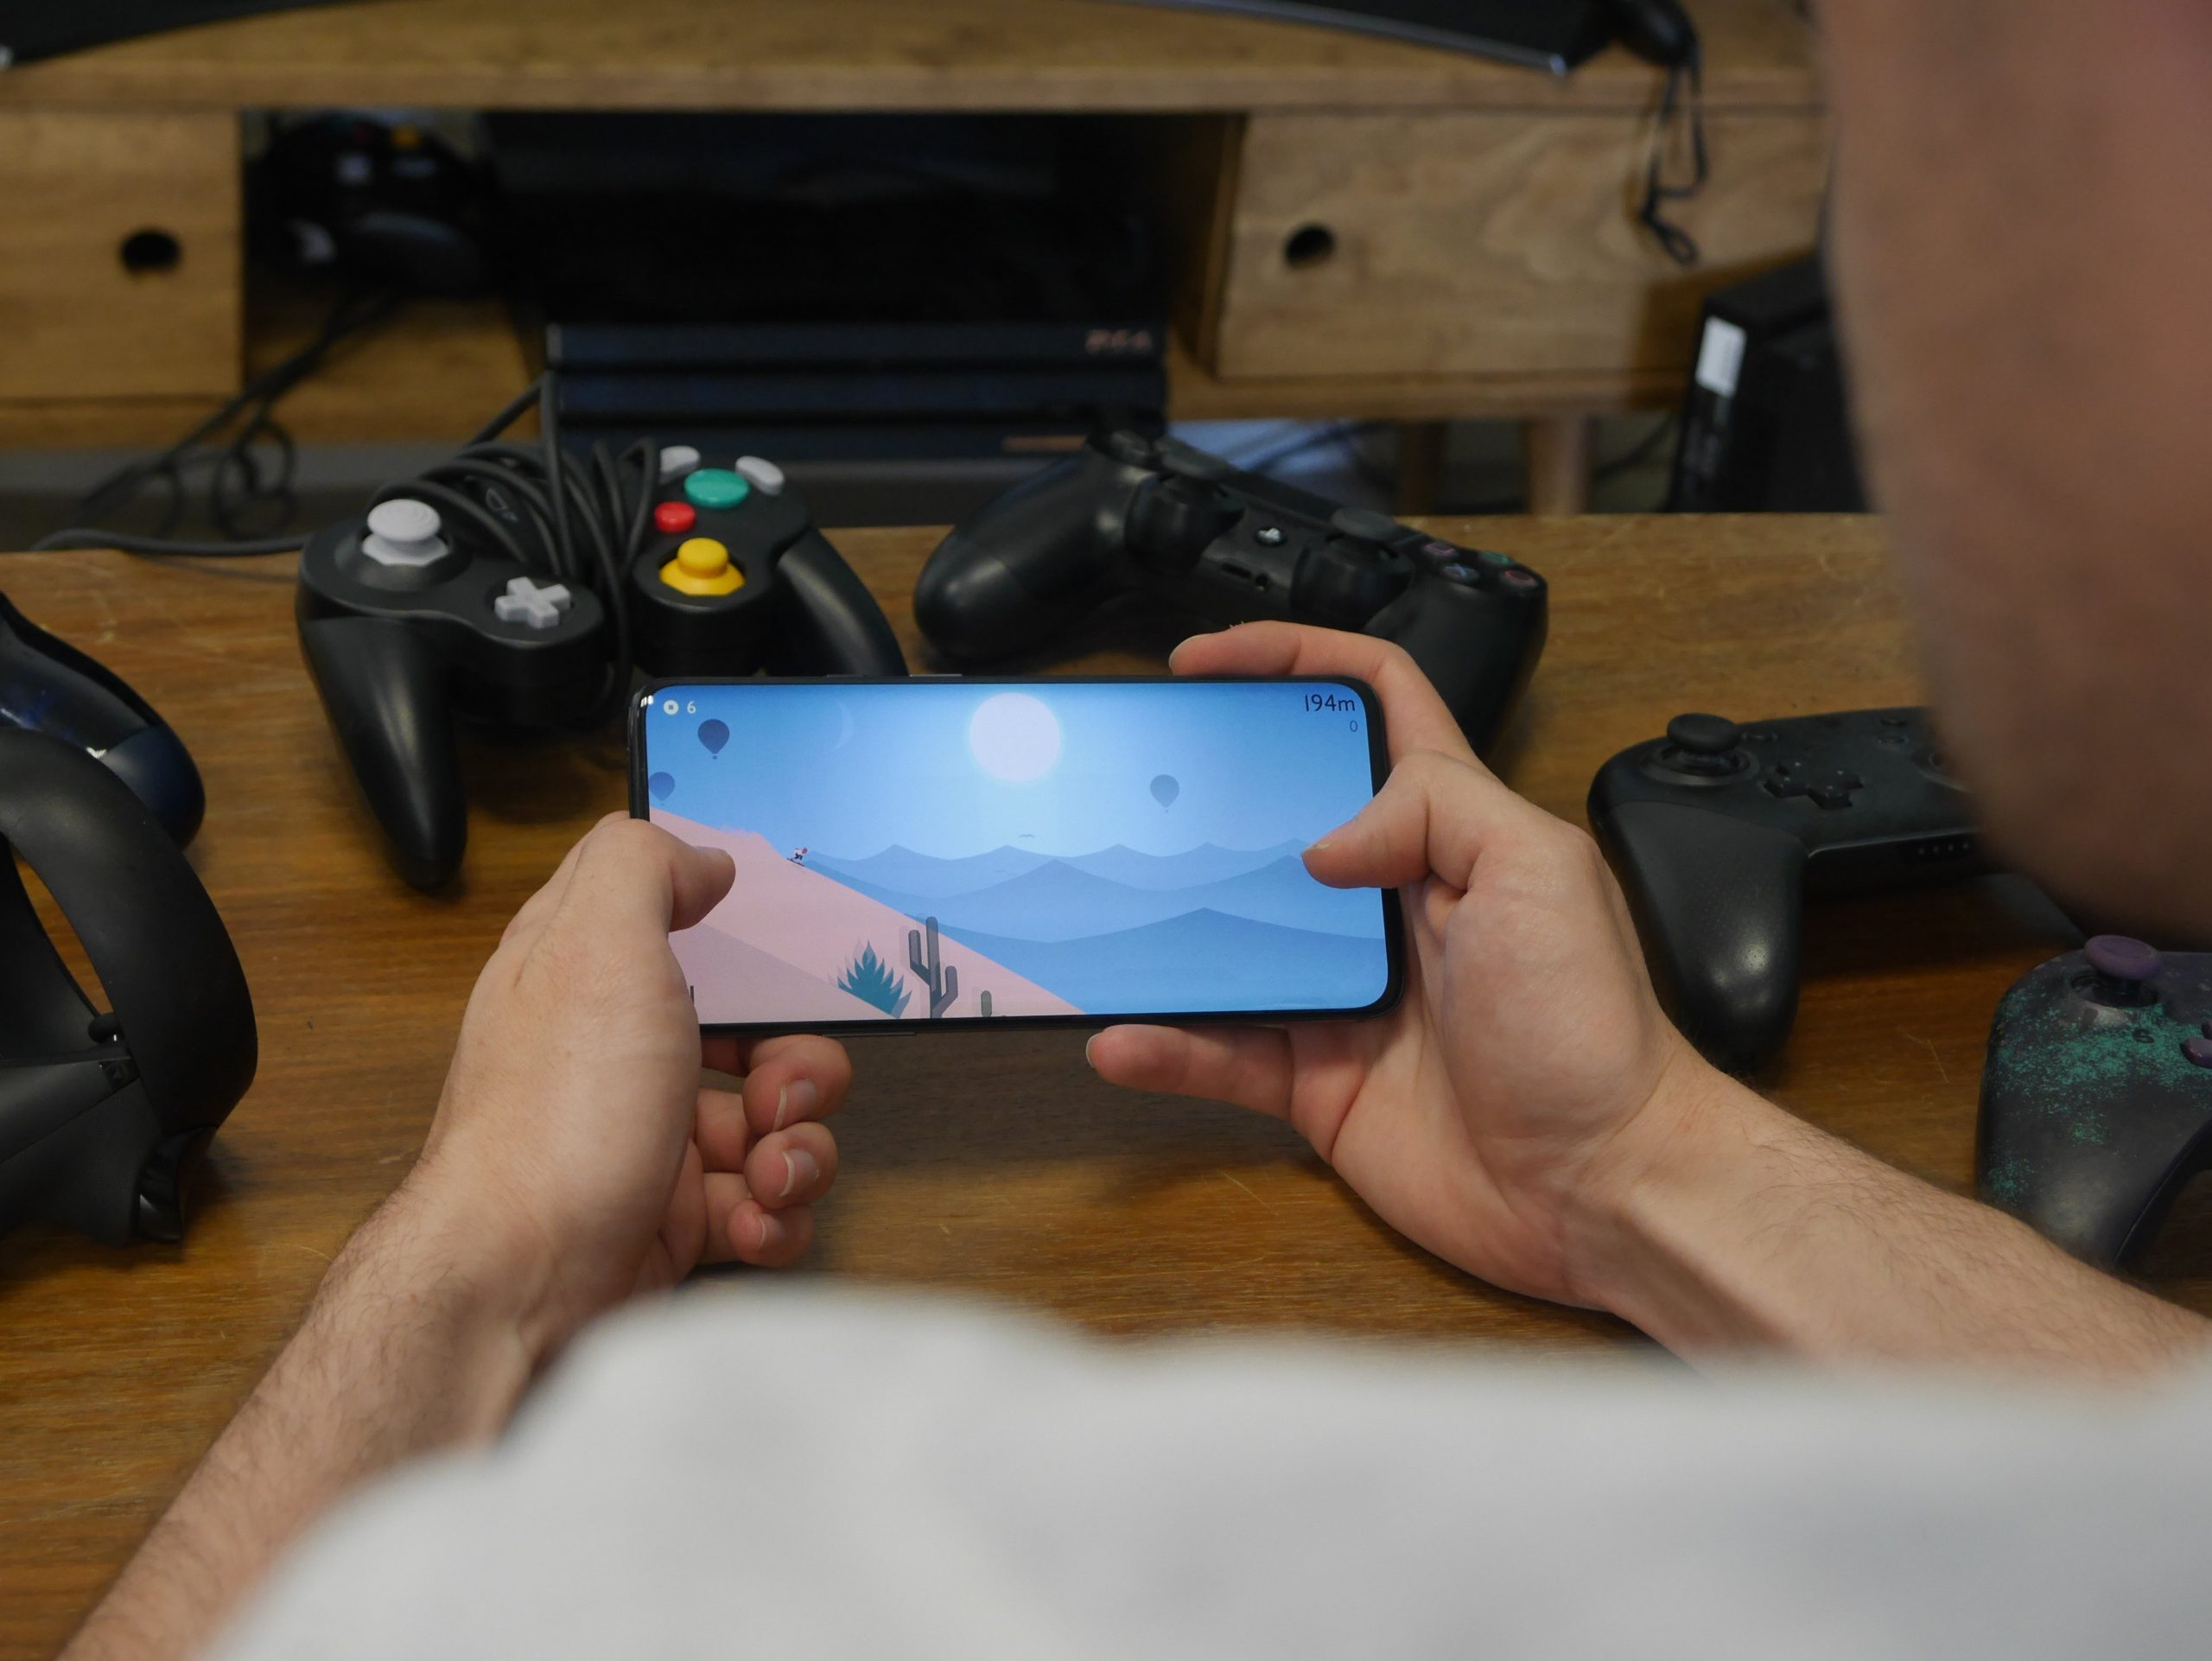 Les Meilleurs Jeux Gratuits Sur Android En 2020 dedans Jeux Gratuits À Télécharger Pour Tablette